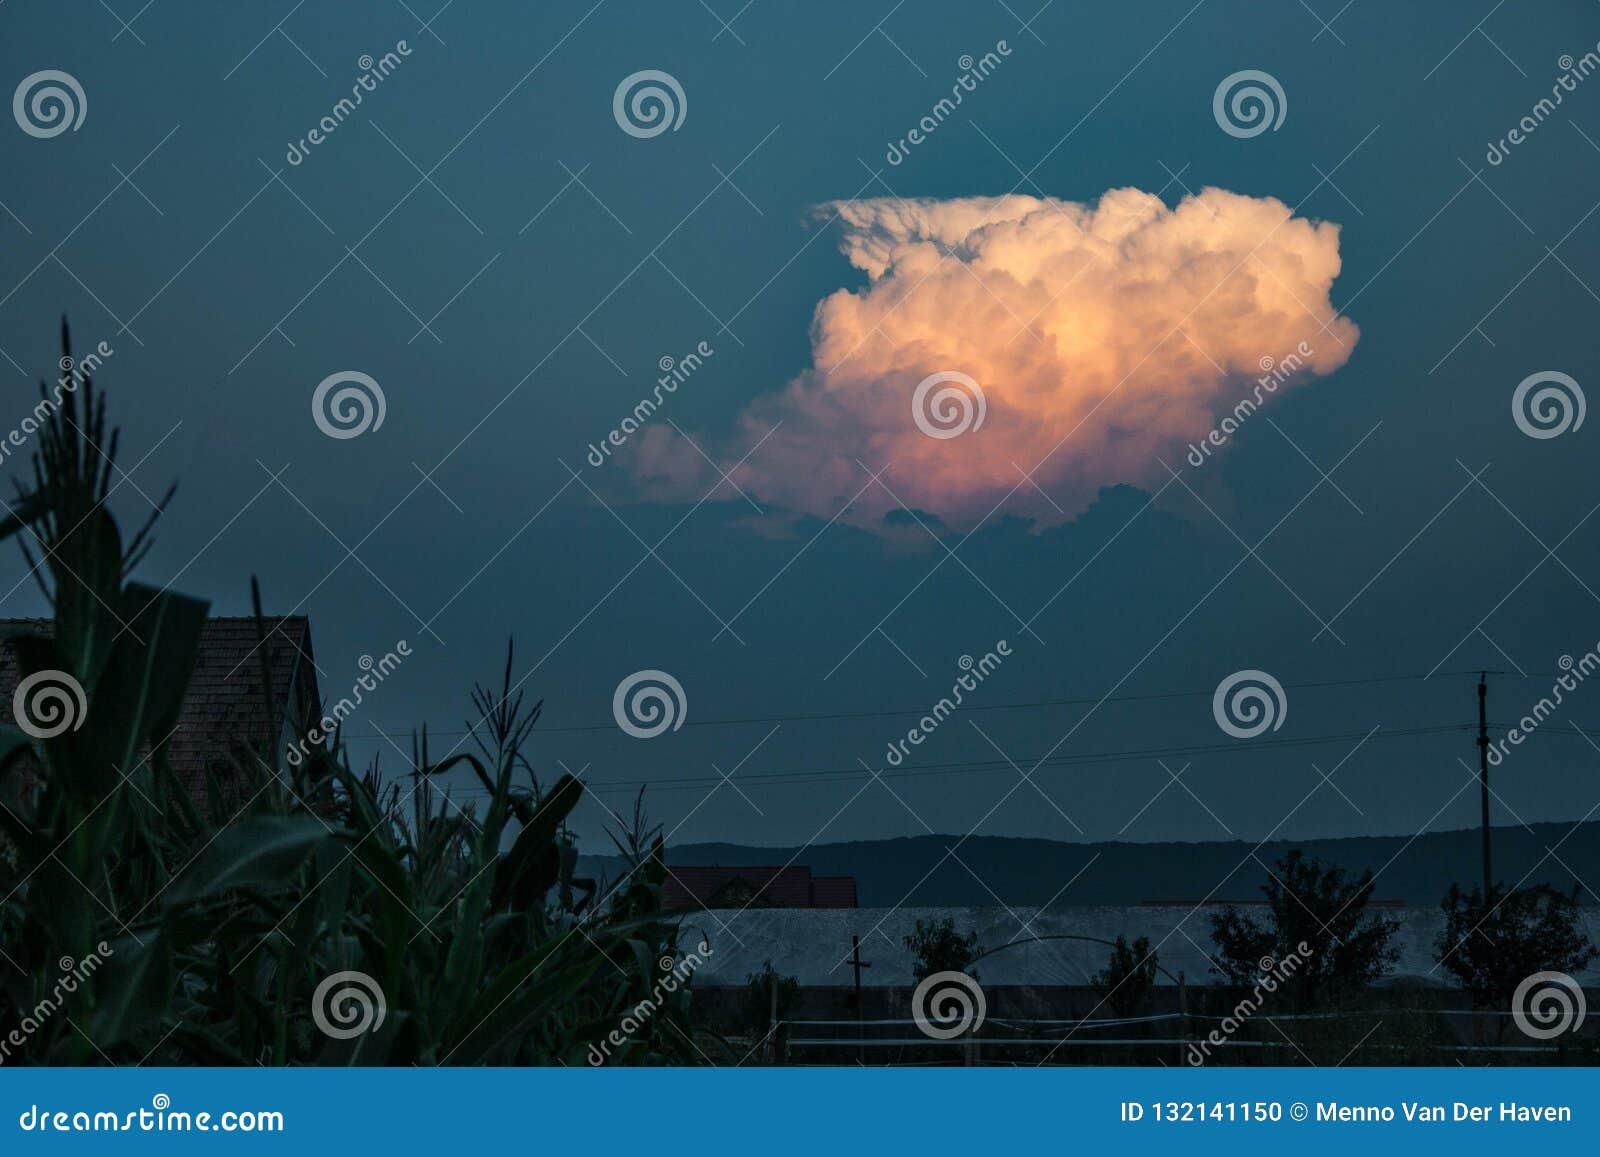 Uit de wazige laag stijgt een onweersbui en door de het plaatsen zon prachtig verlicht